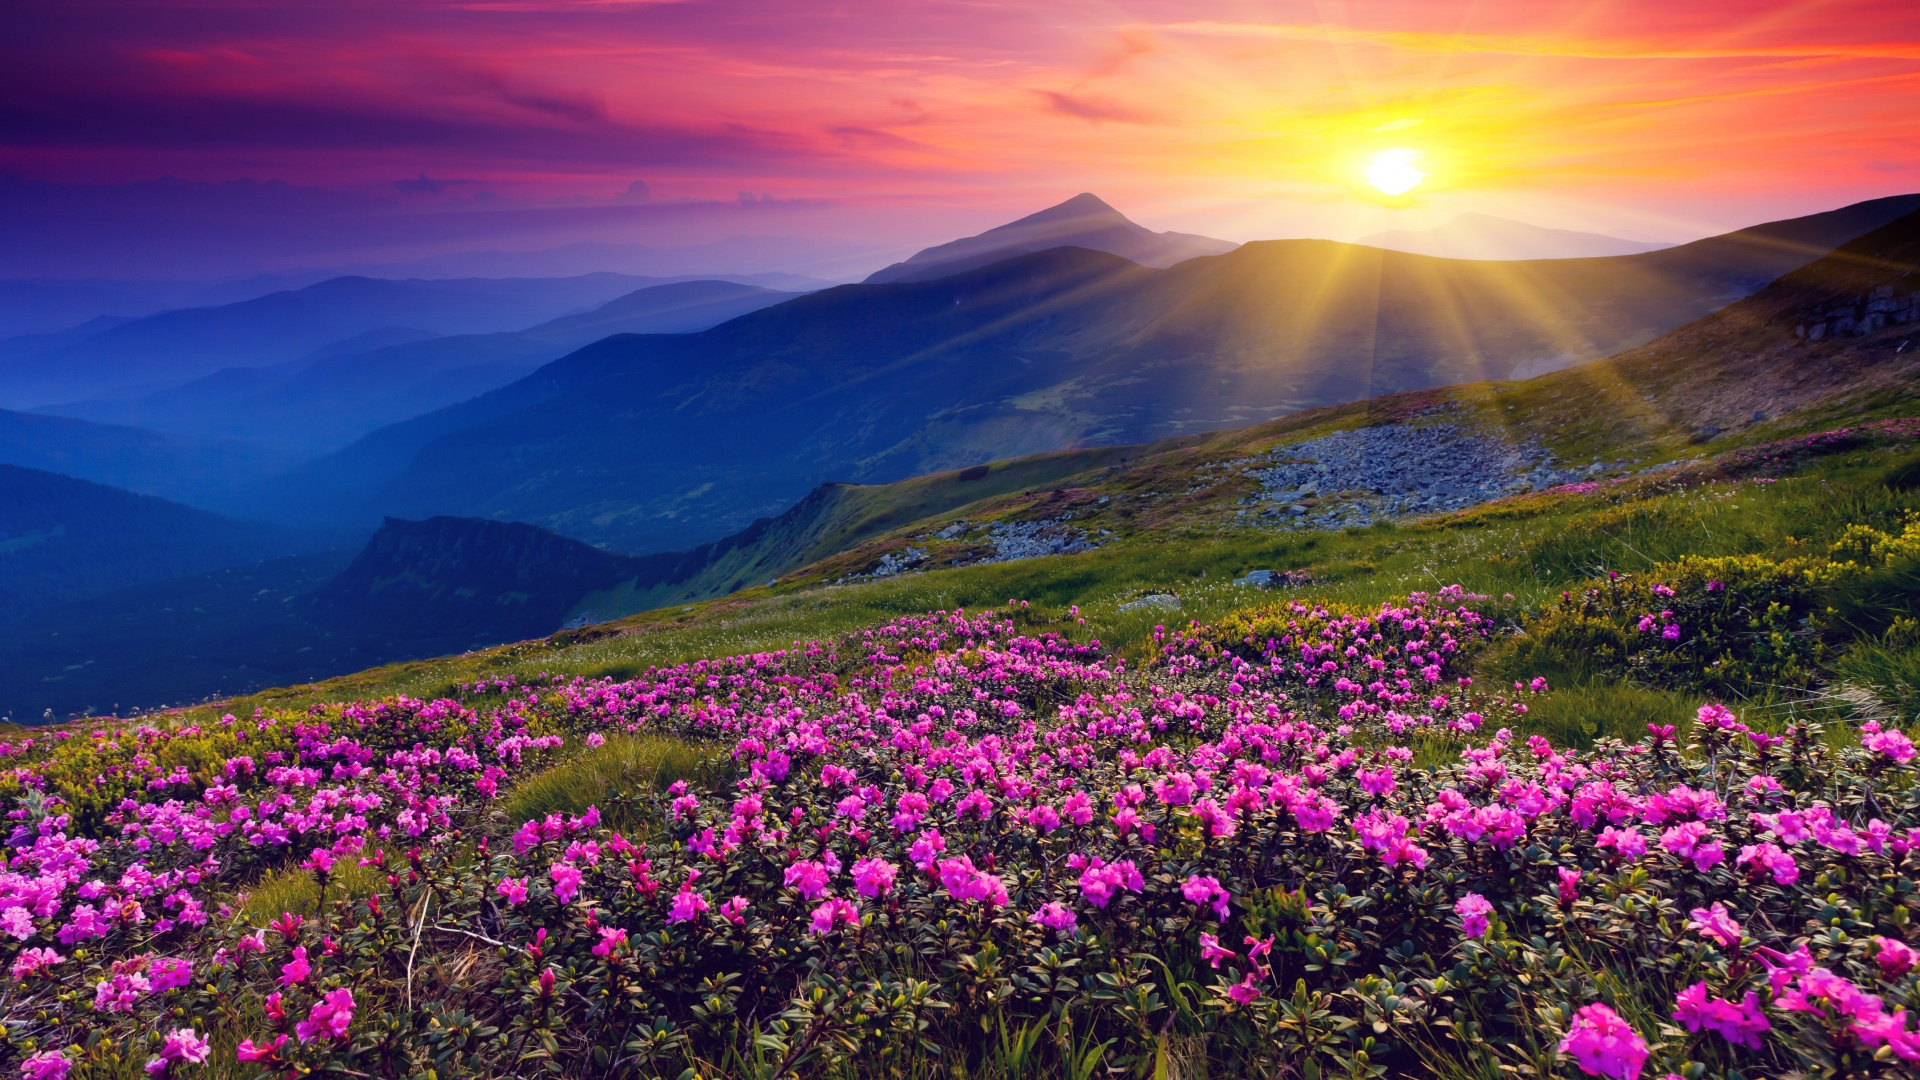 цветы поляна горы холм небо  № 3836166 без смс